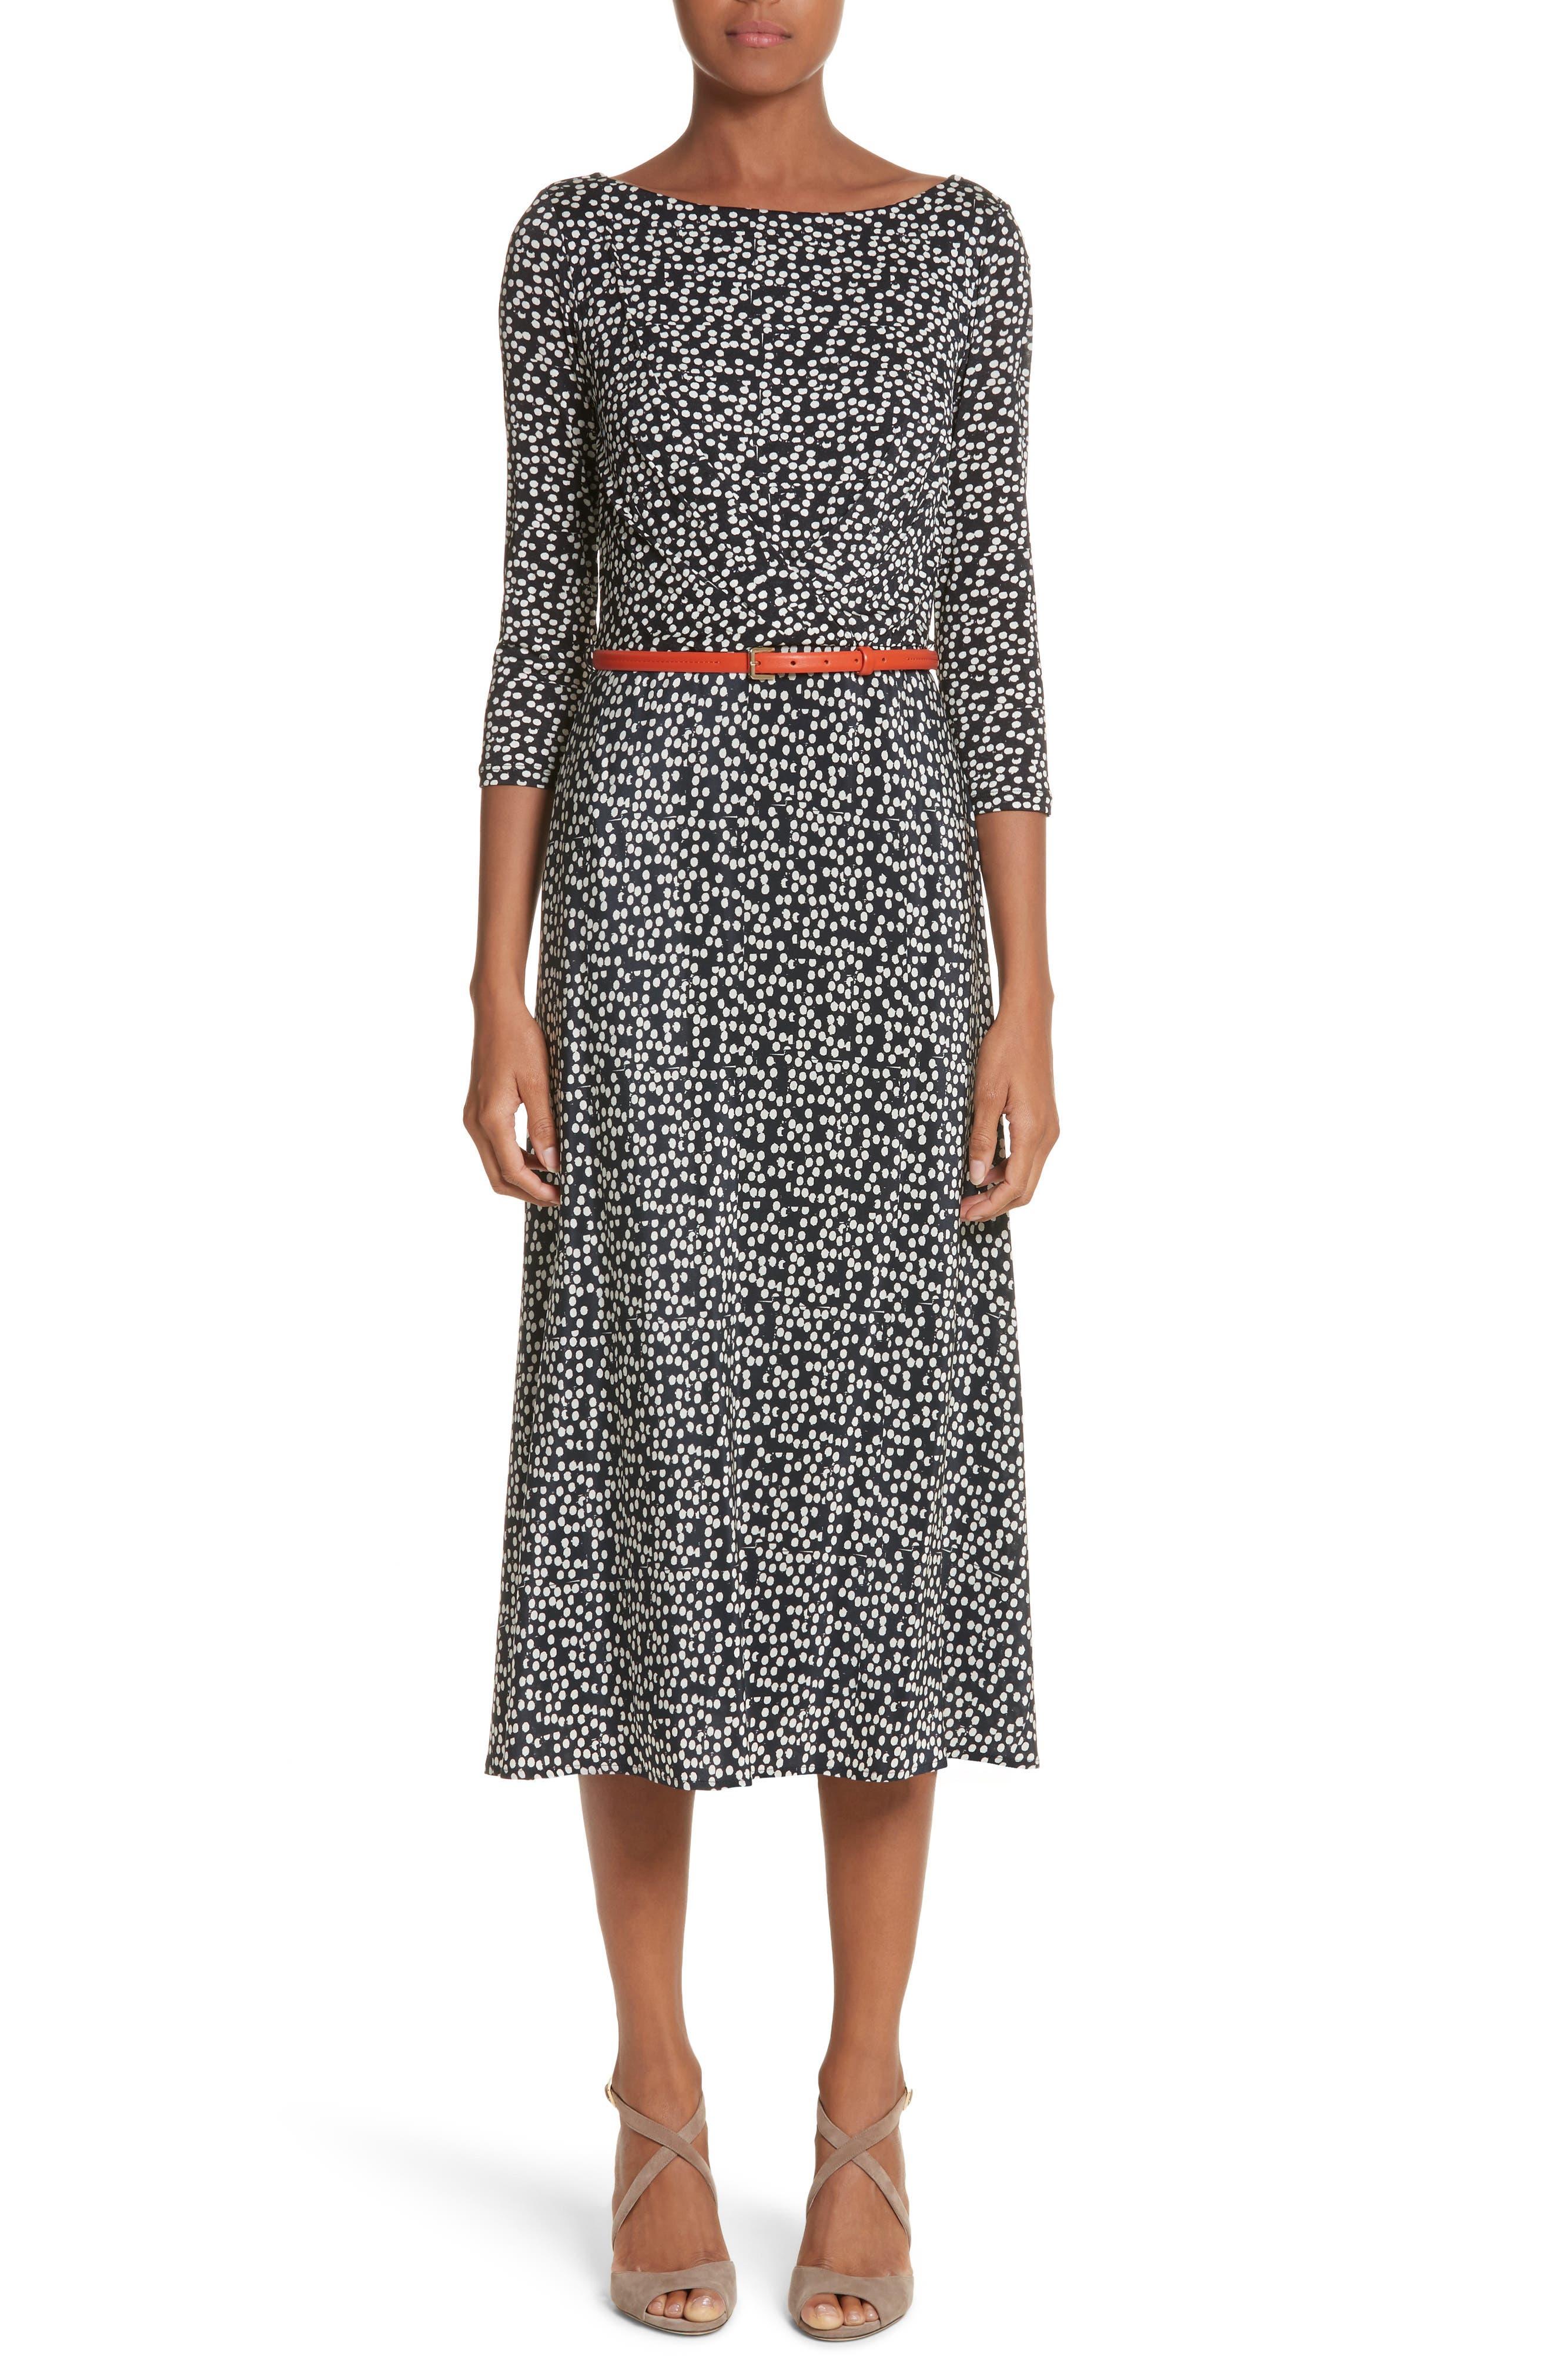 Peter Dot Print Midi Dress,                             Main thumbnail 1, color,                             001